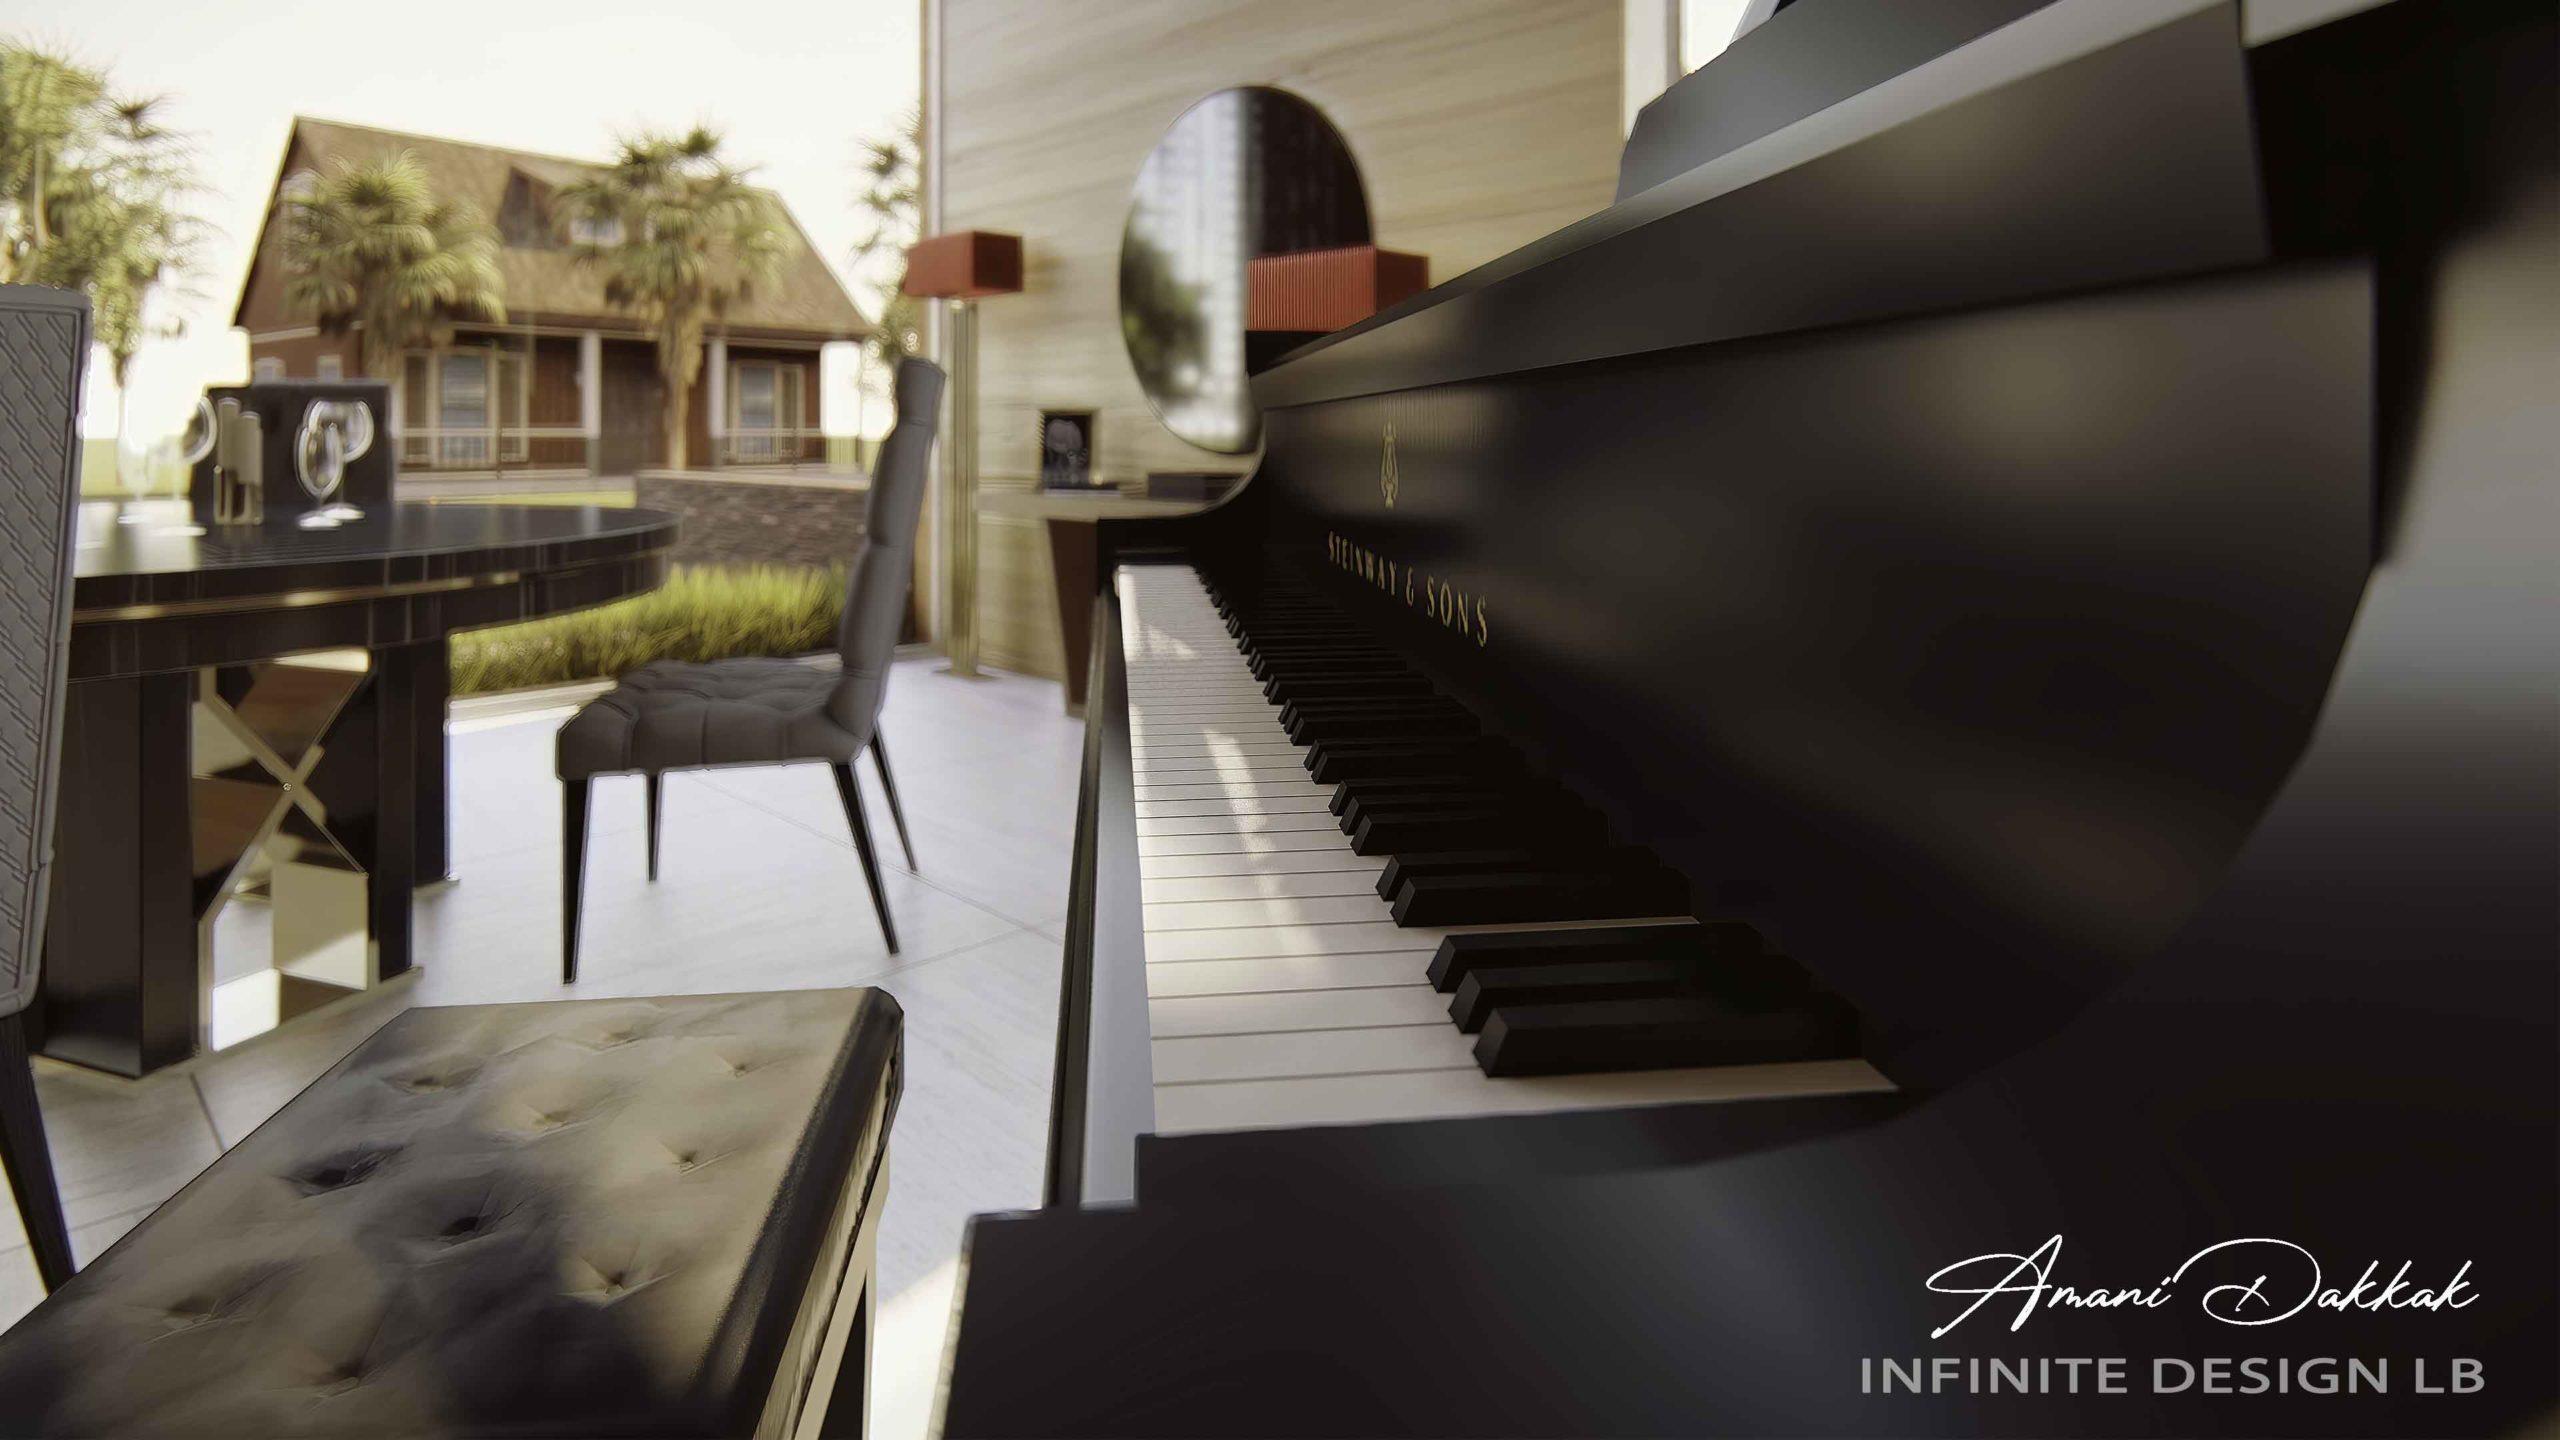 Luxury Modern Home Decoration | By Amani Dakkak